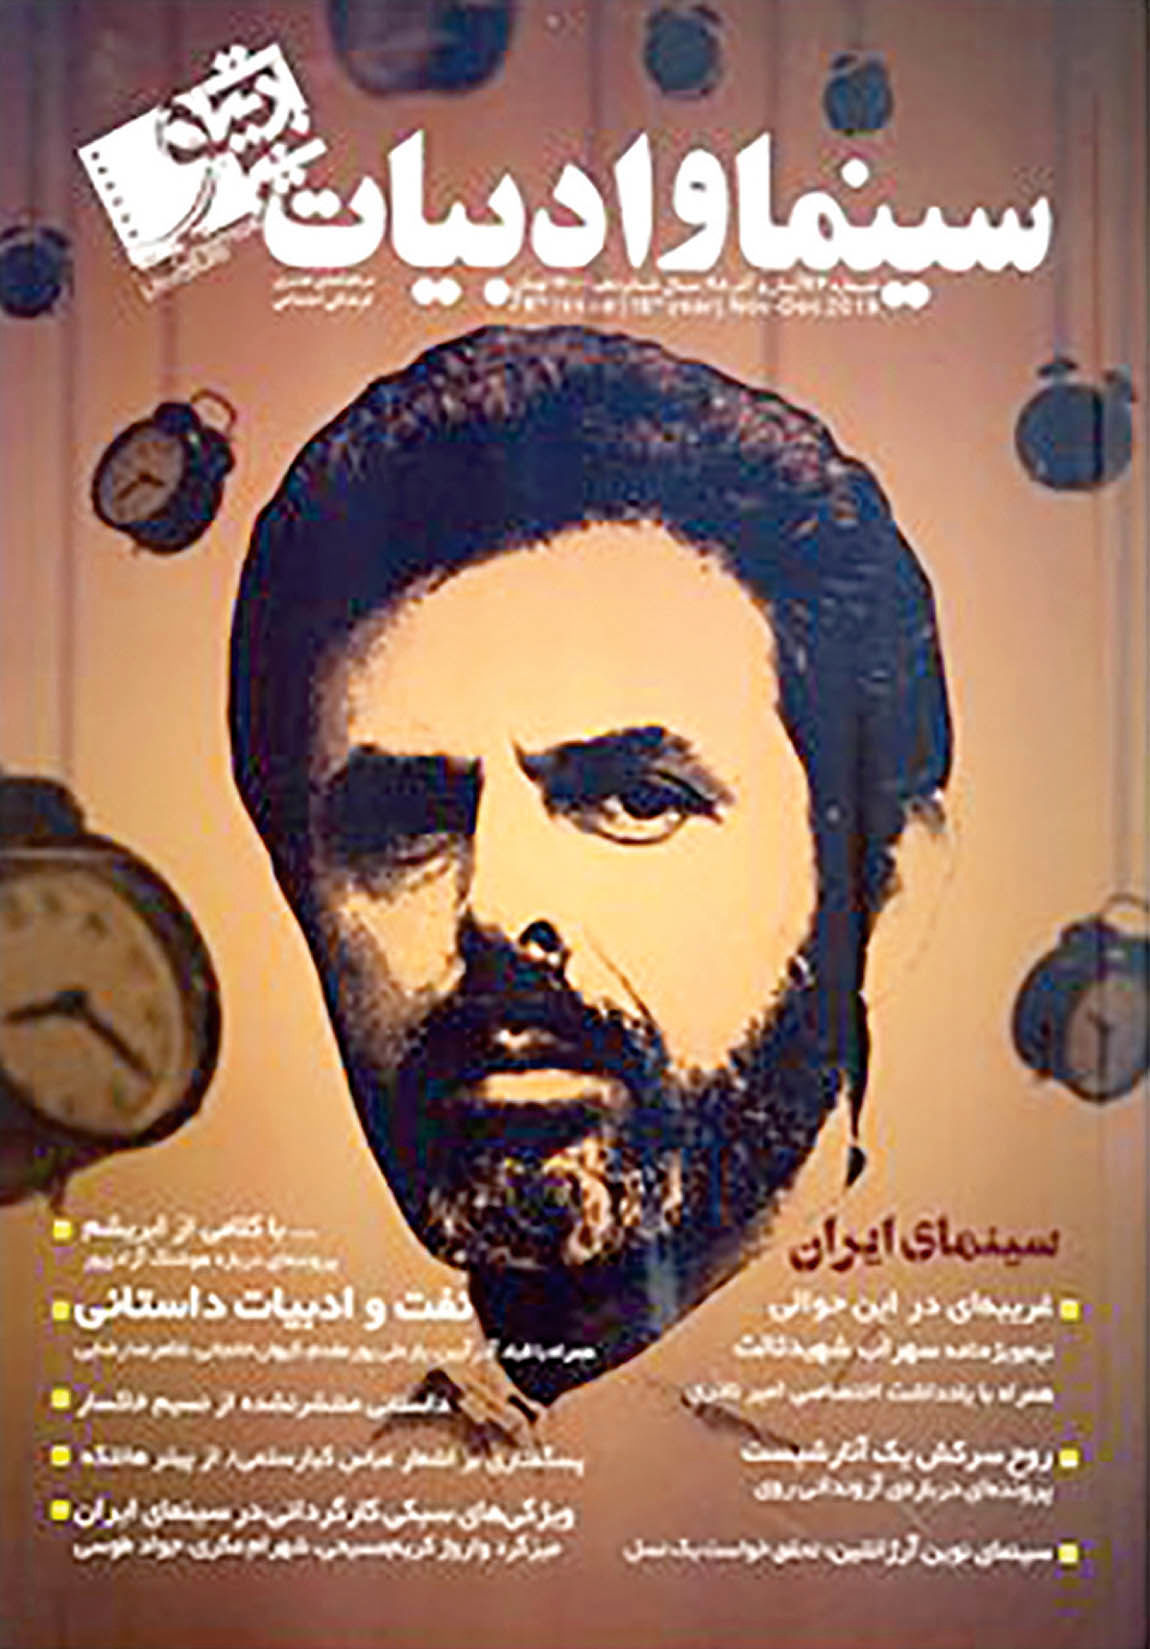 انتشار «سینما و ادبیات» در روز مرگ مدیر مسوولش